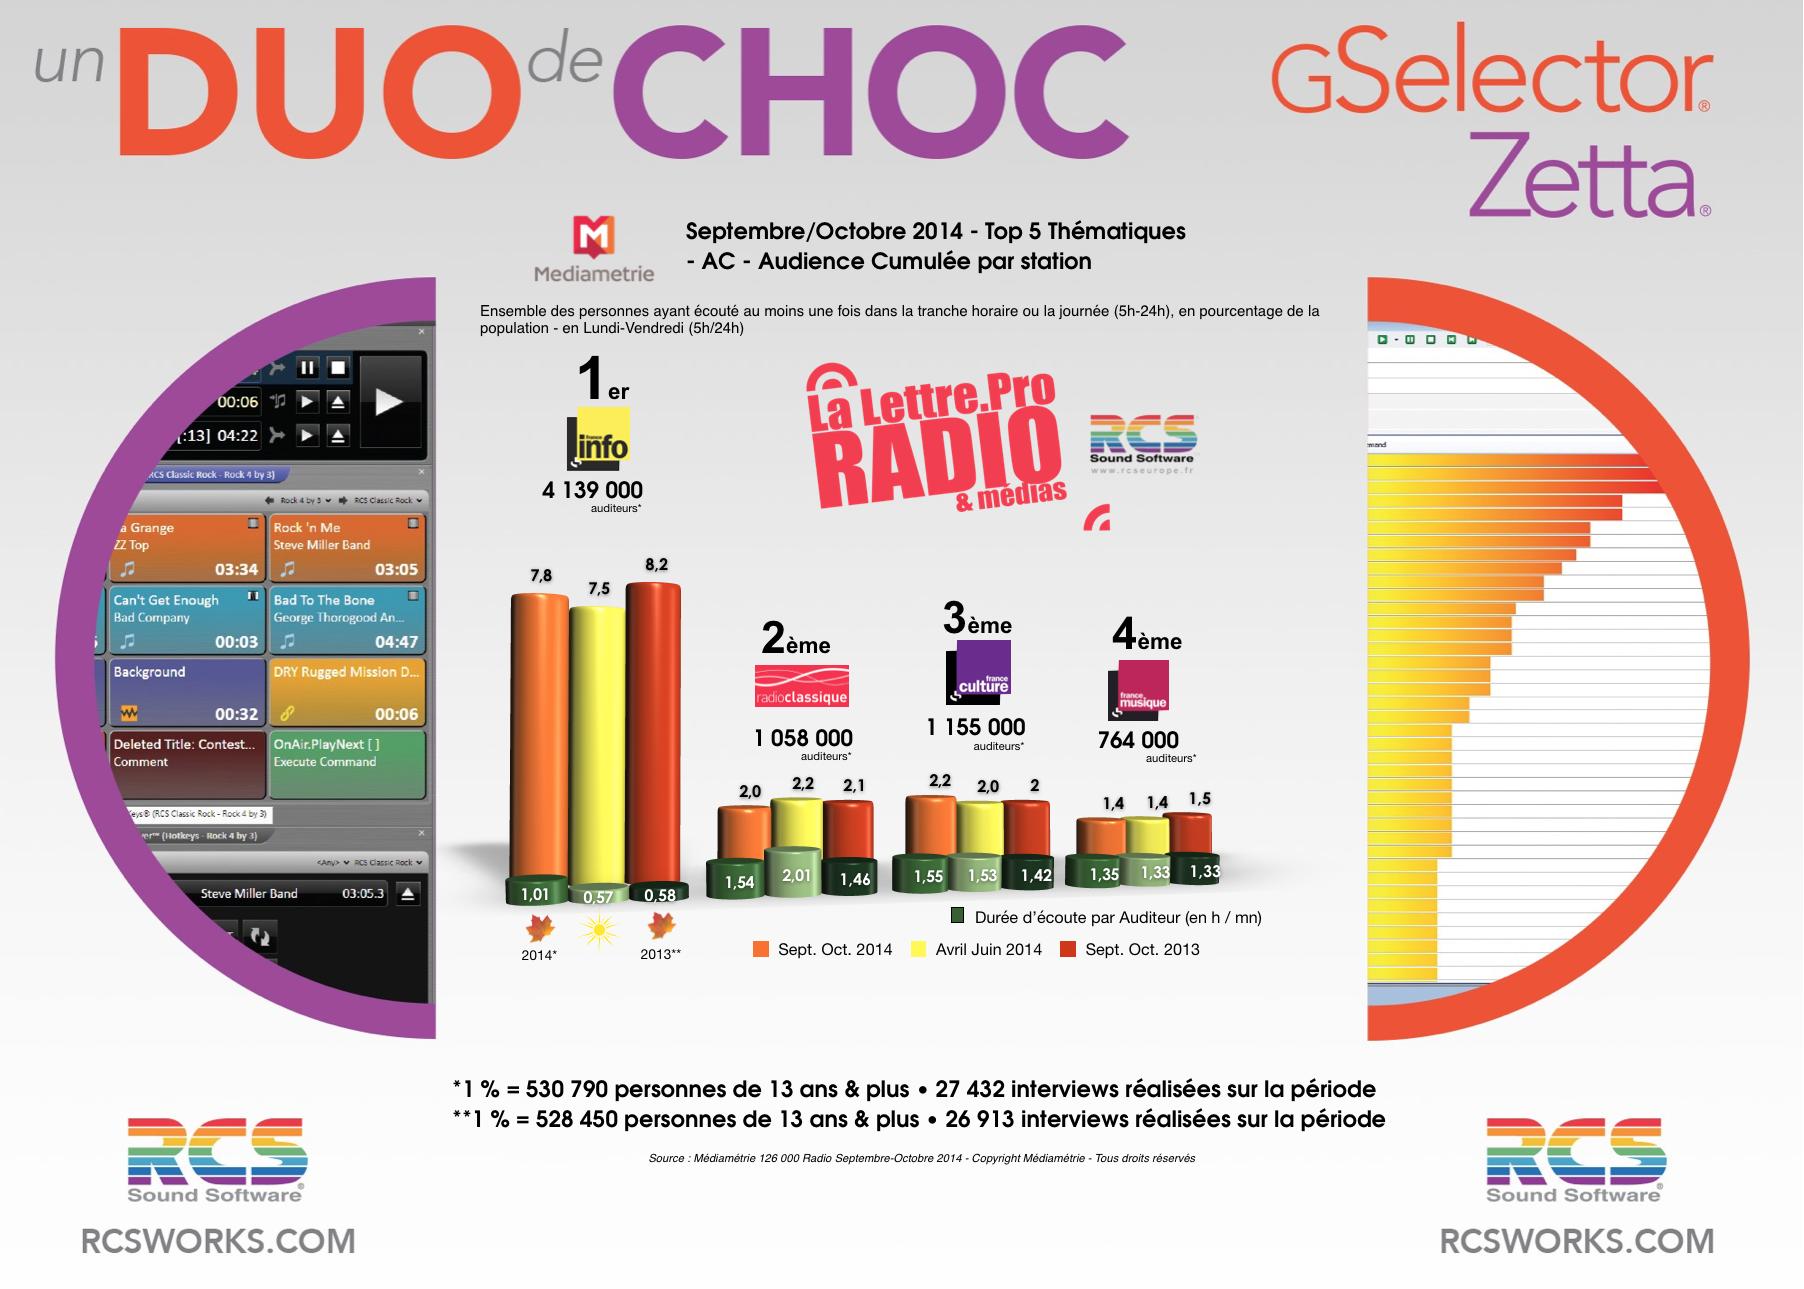 TOP 5 Thématiques  - Diagramme exclusif LLP/RCS GSelector-Zetta - Septembre-Octobre 2014